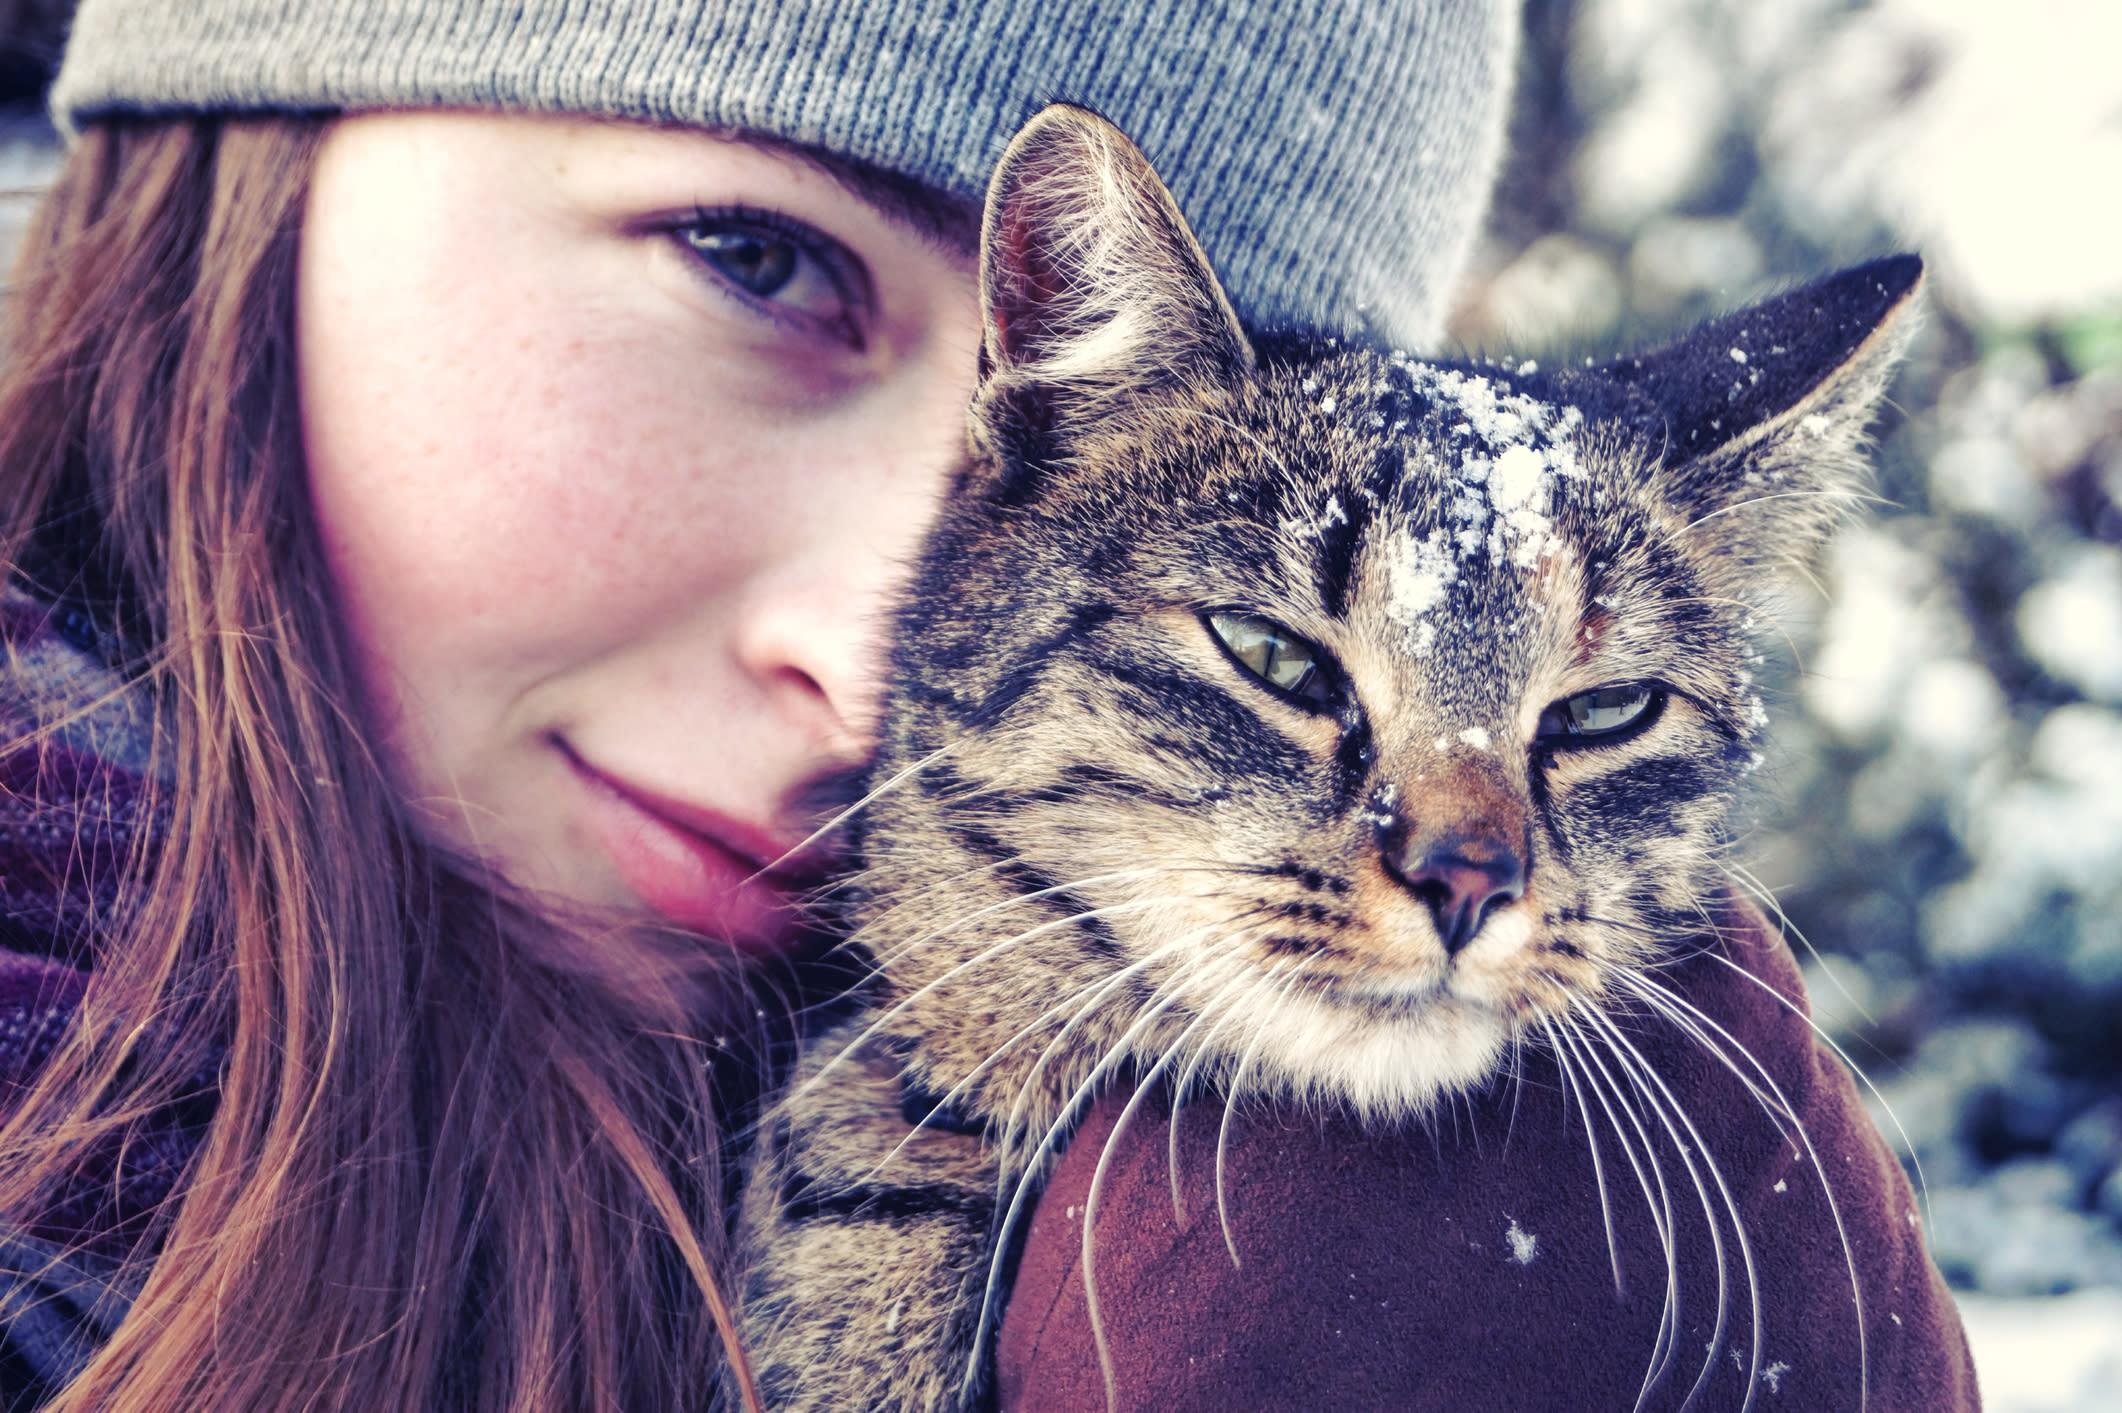 Verrückte Katzenfrau